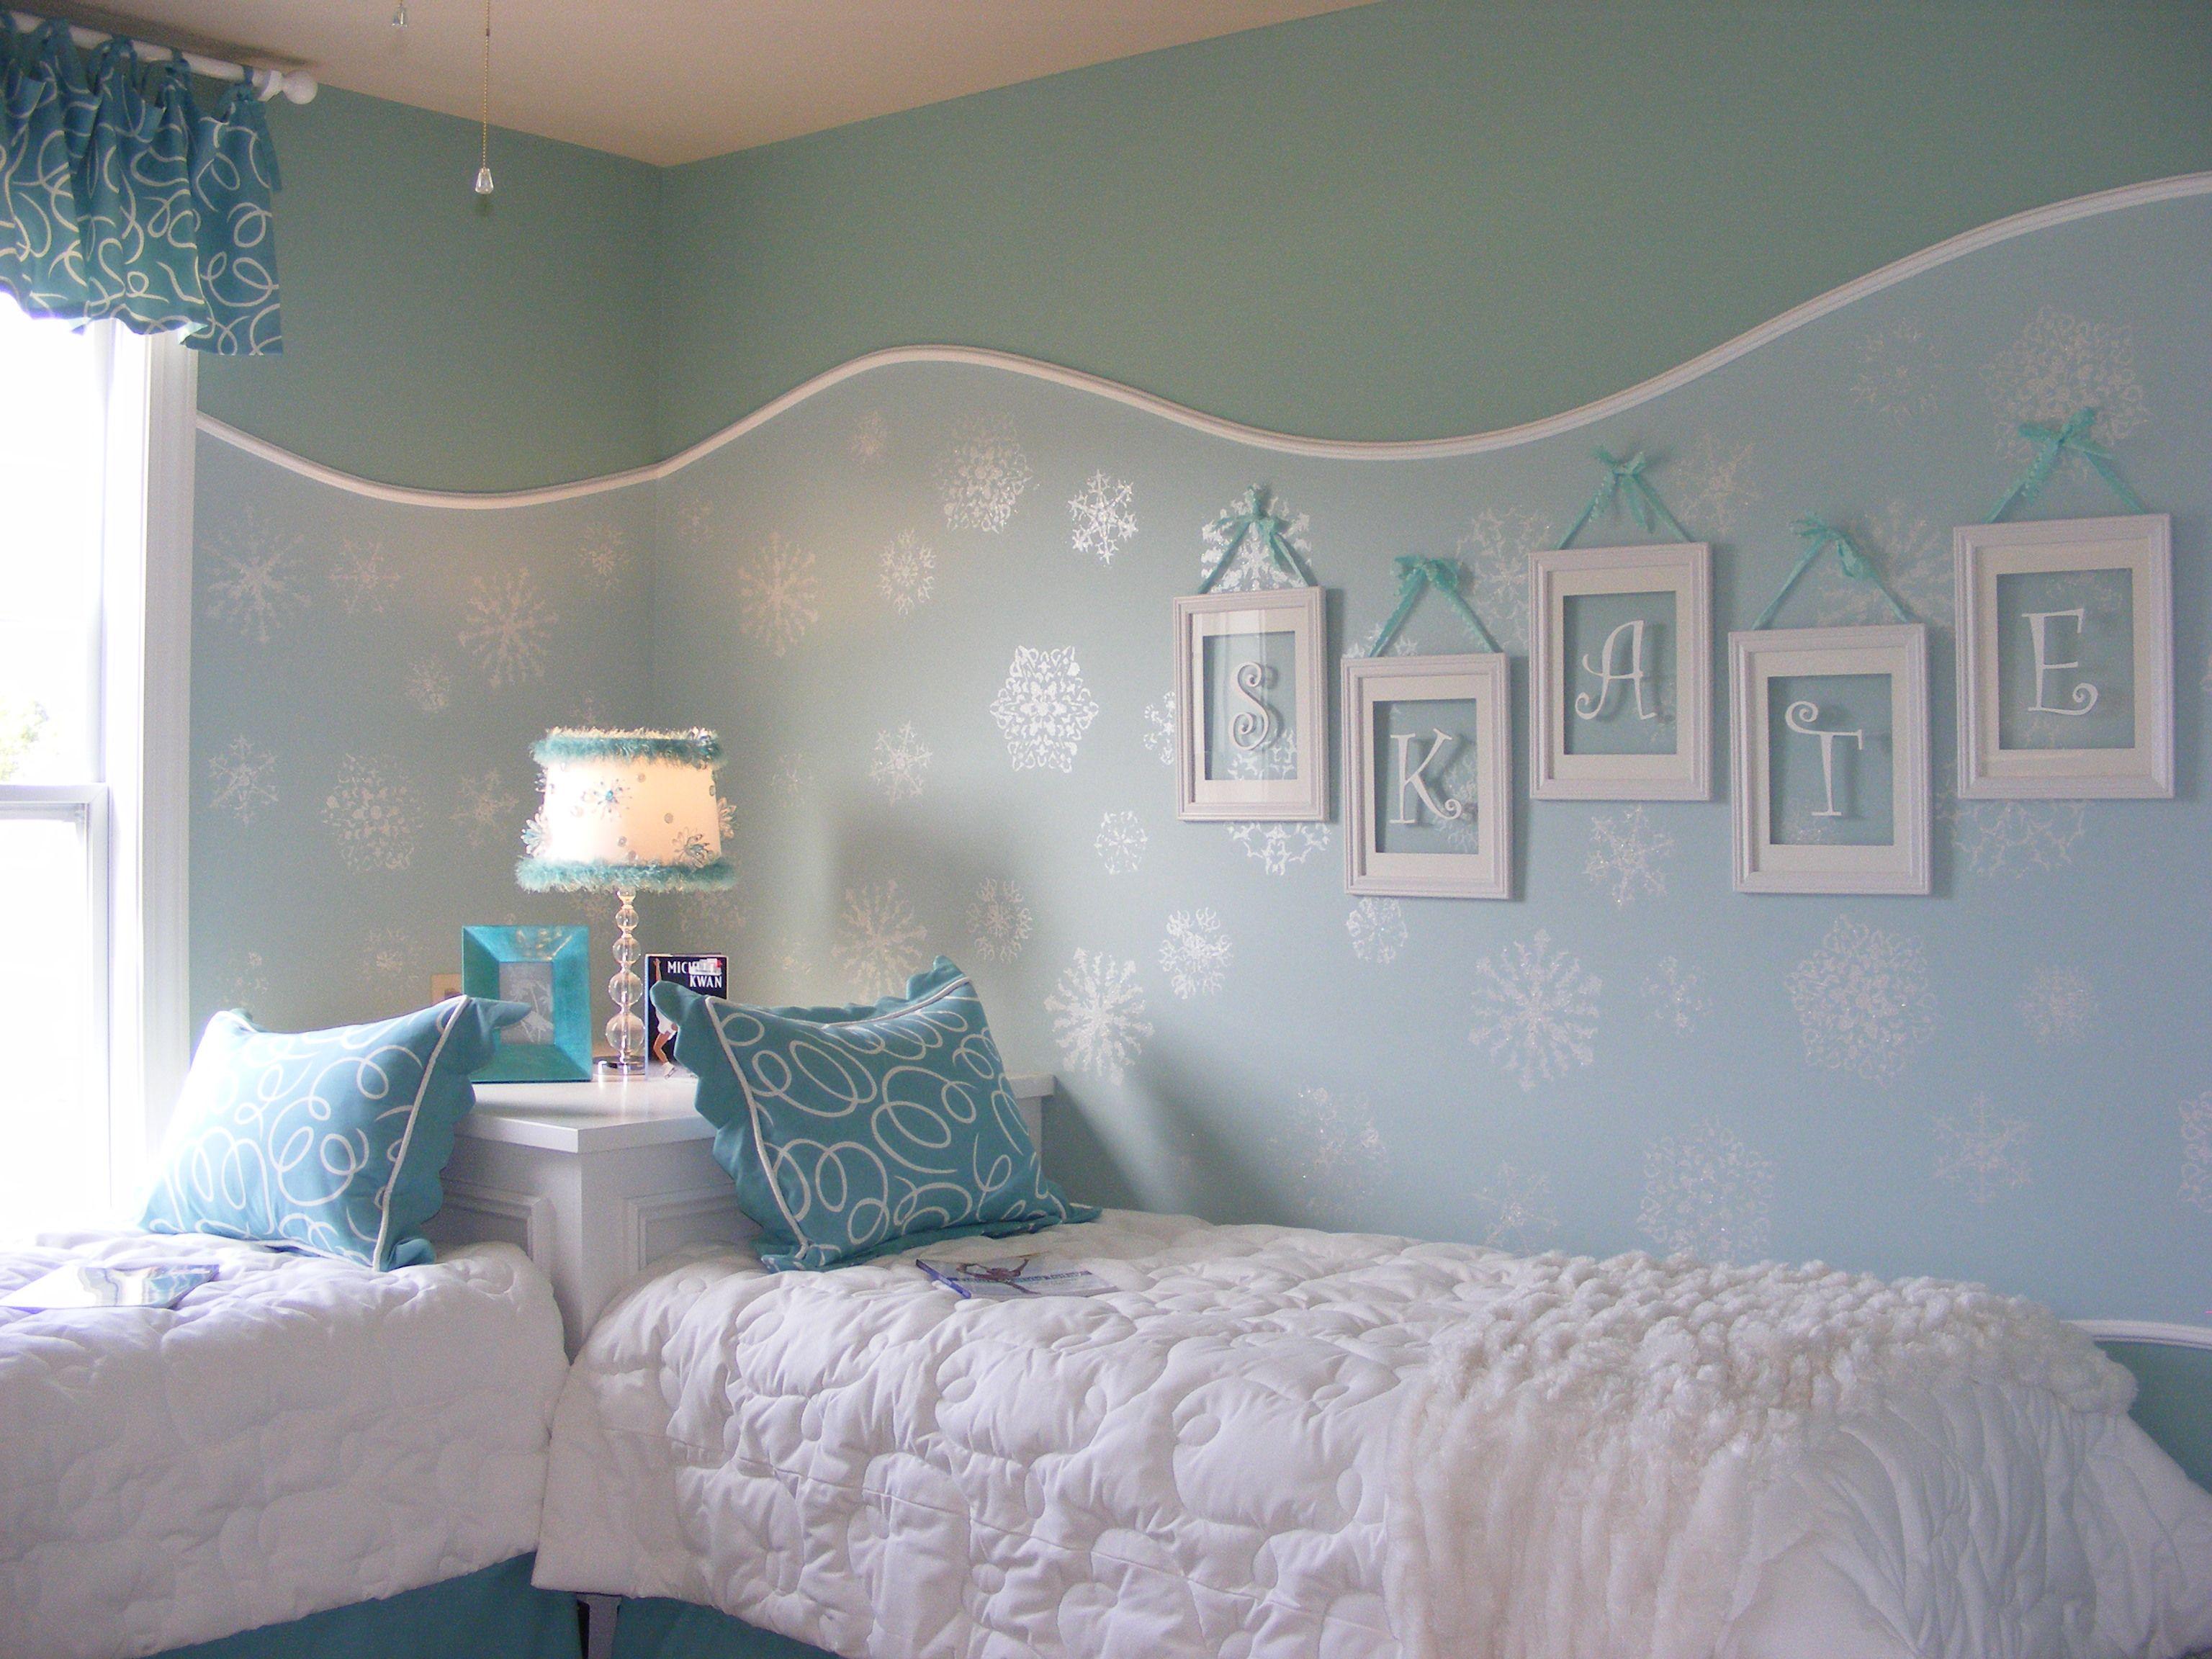 25 id es g niales pour une chambre de la reine des neiges frozen rh pinterest com Frozen Themed Bedroom Frozen Bedroom for Girls